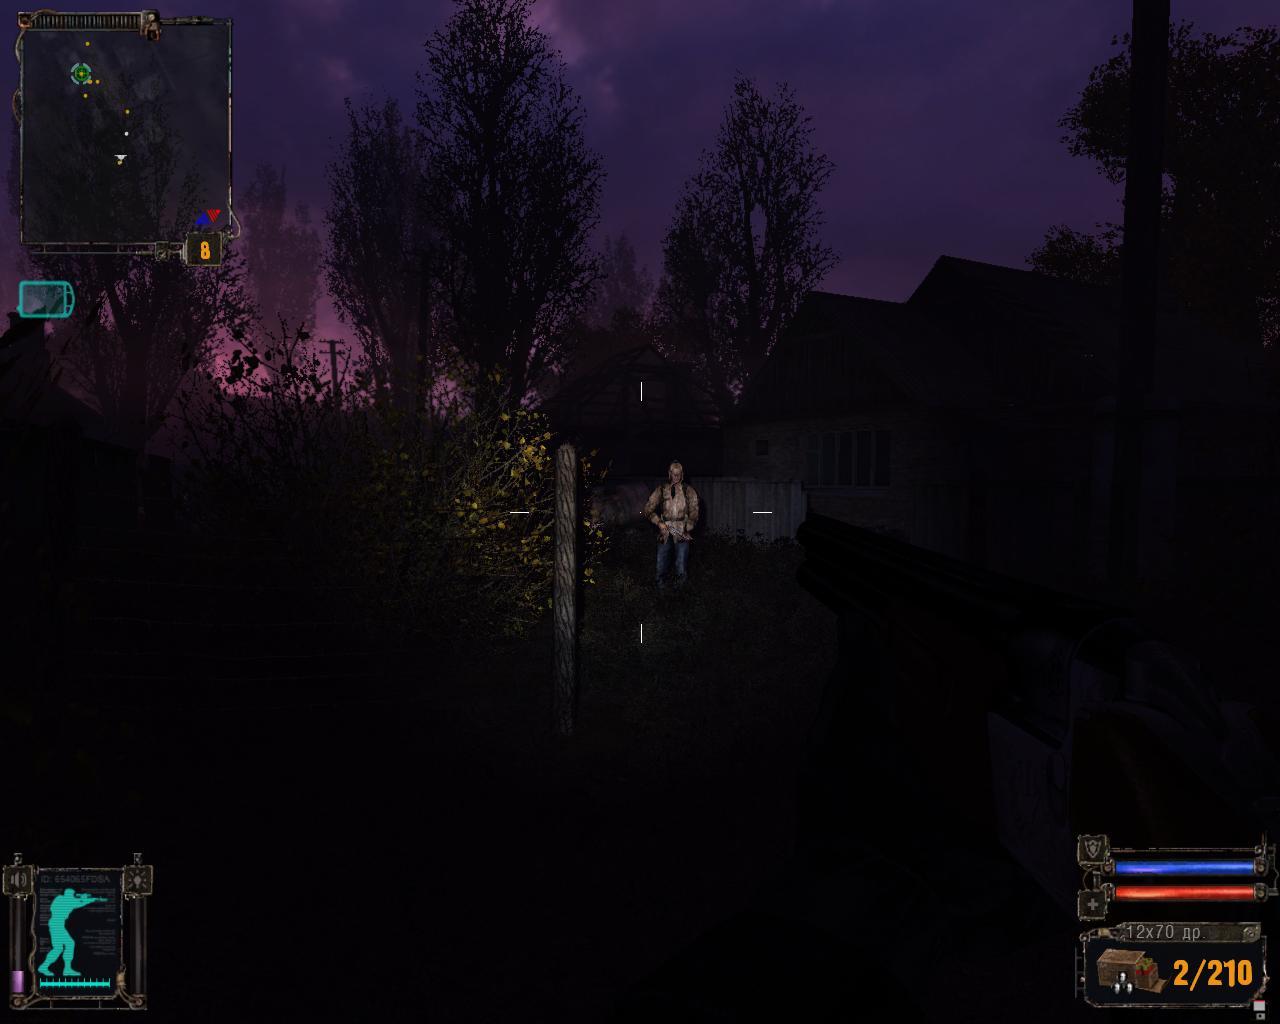 сталкер тень чернобыля патч 4-6